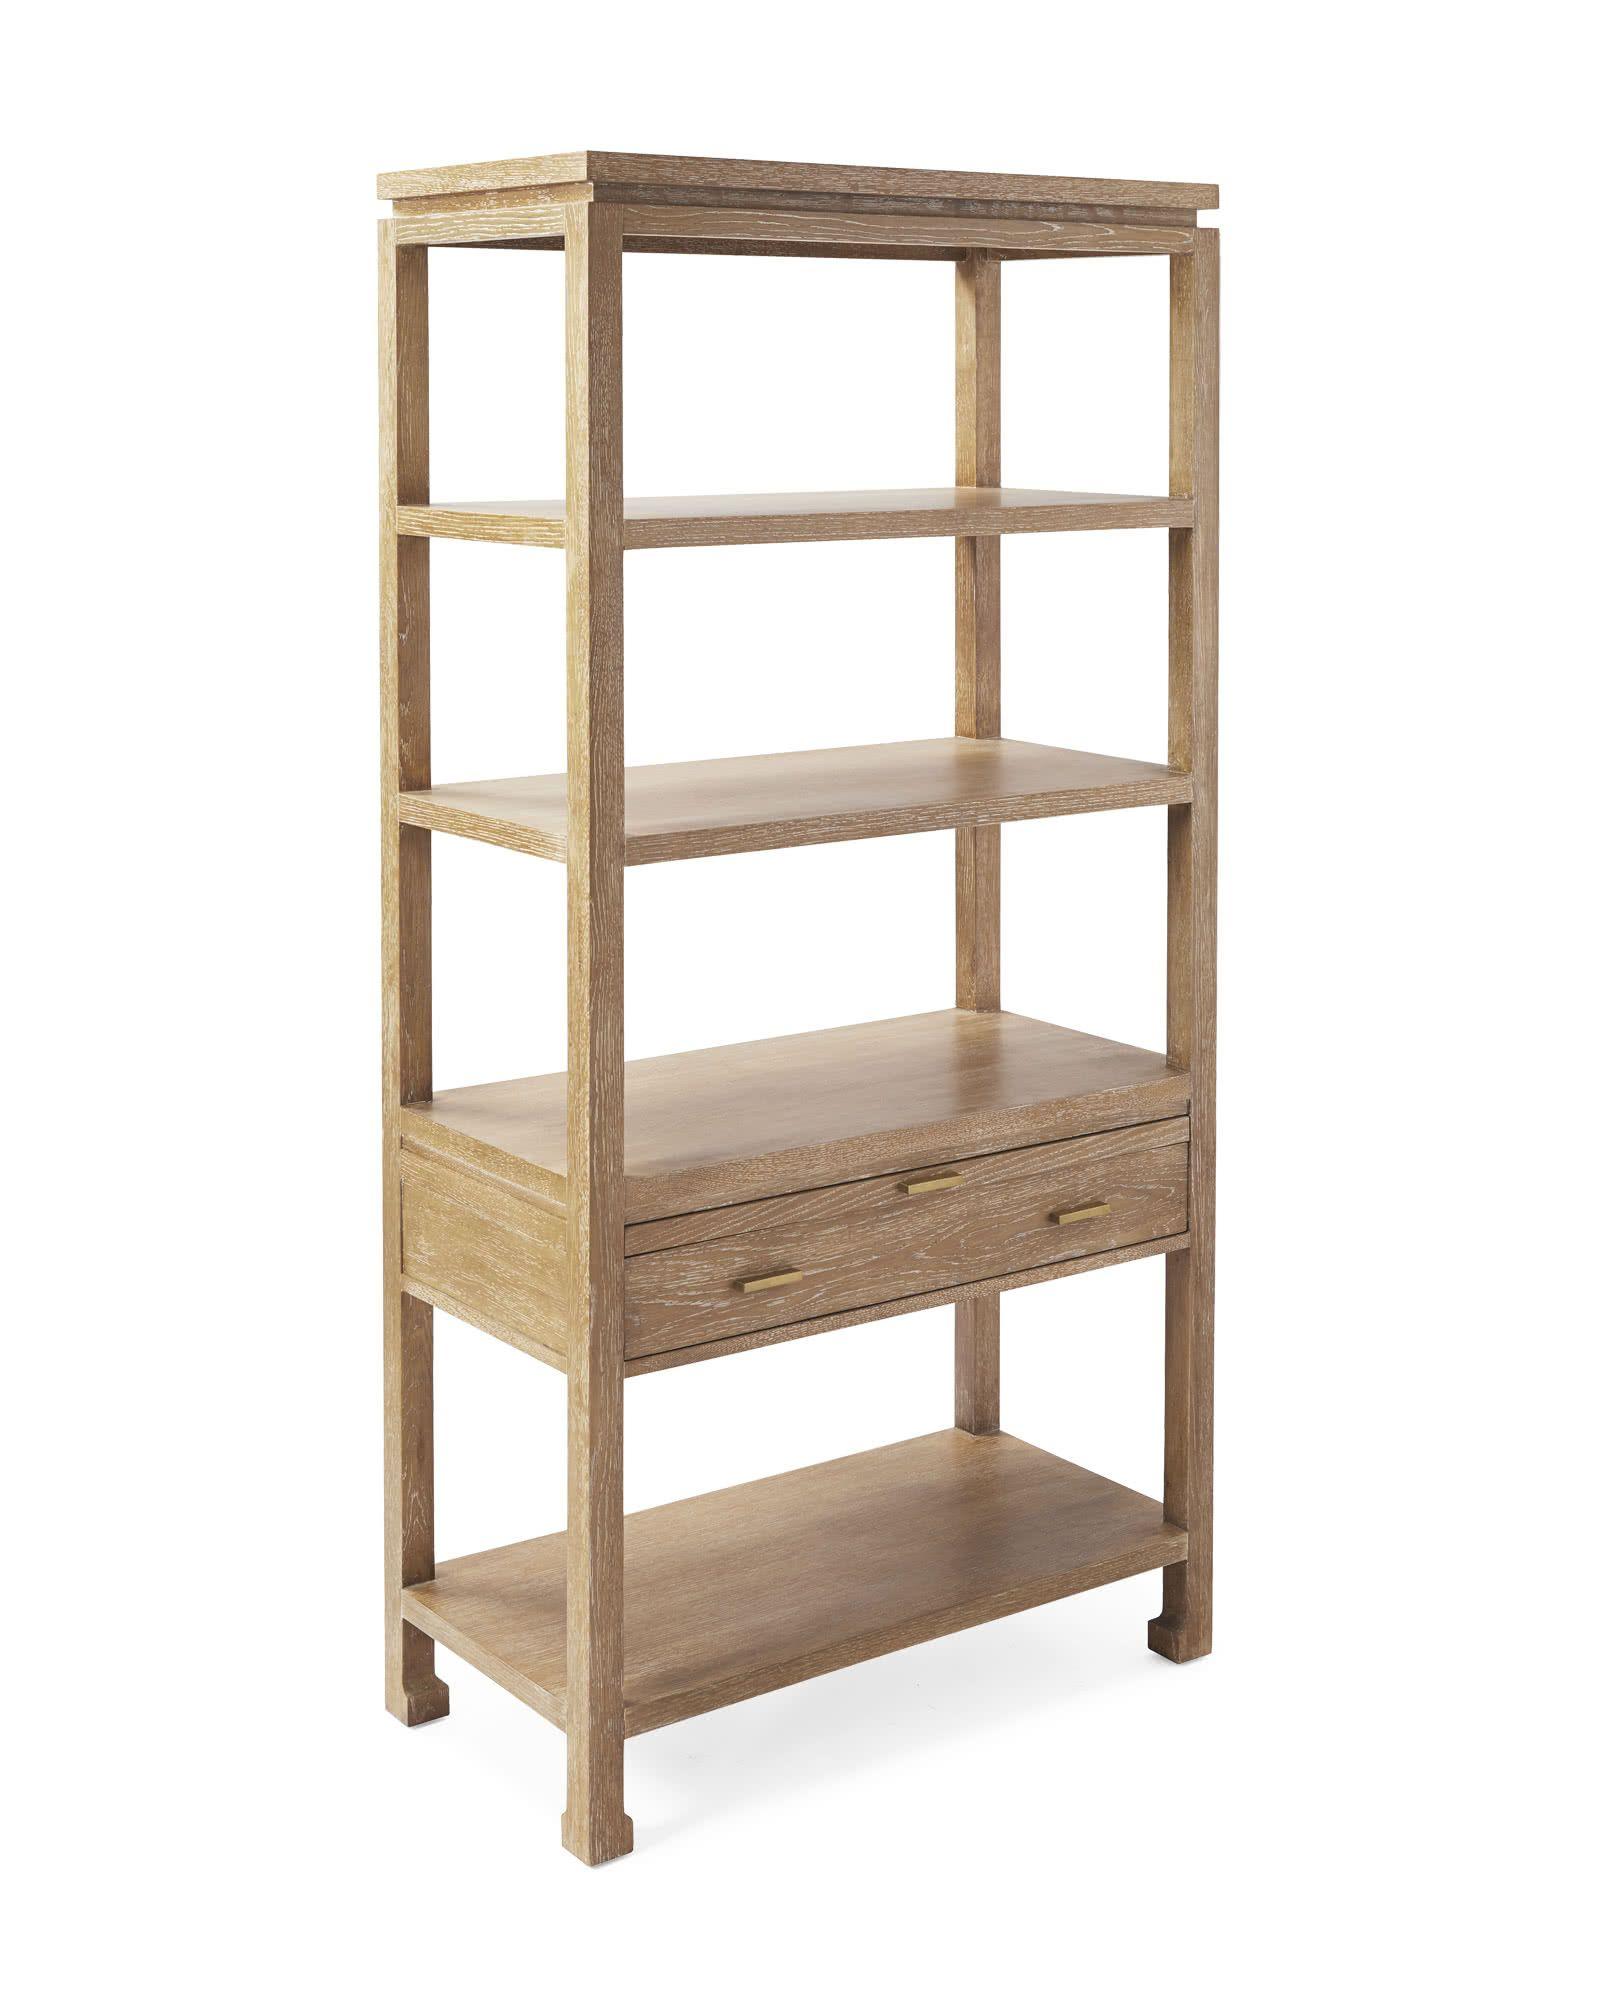 Reese Bookshelf Oak Bookshelves Bar Furniture Shelves